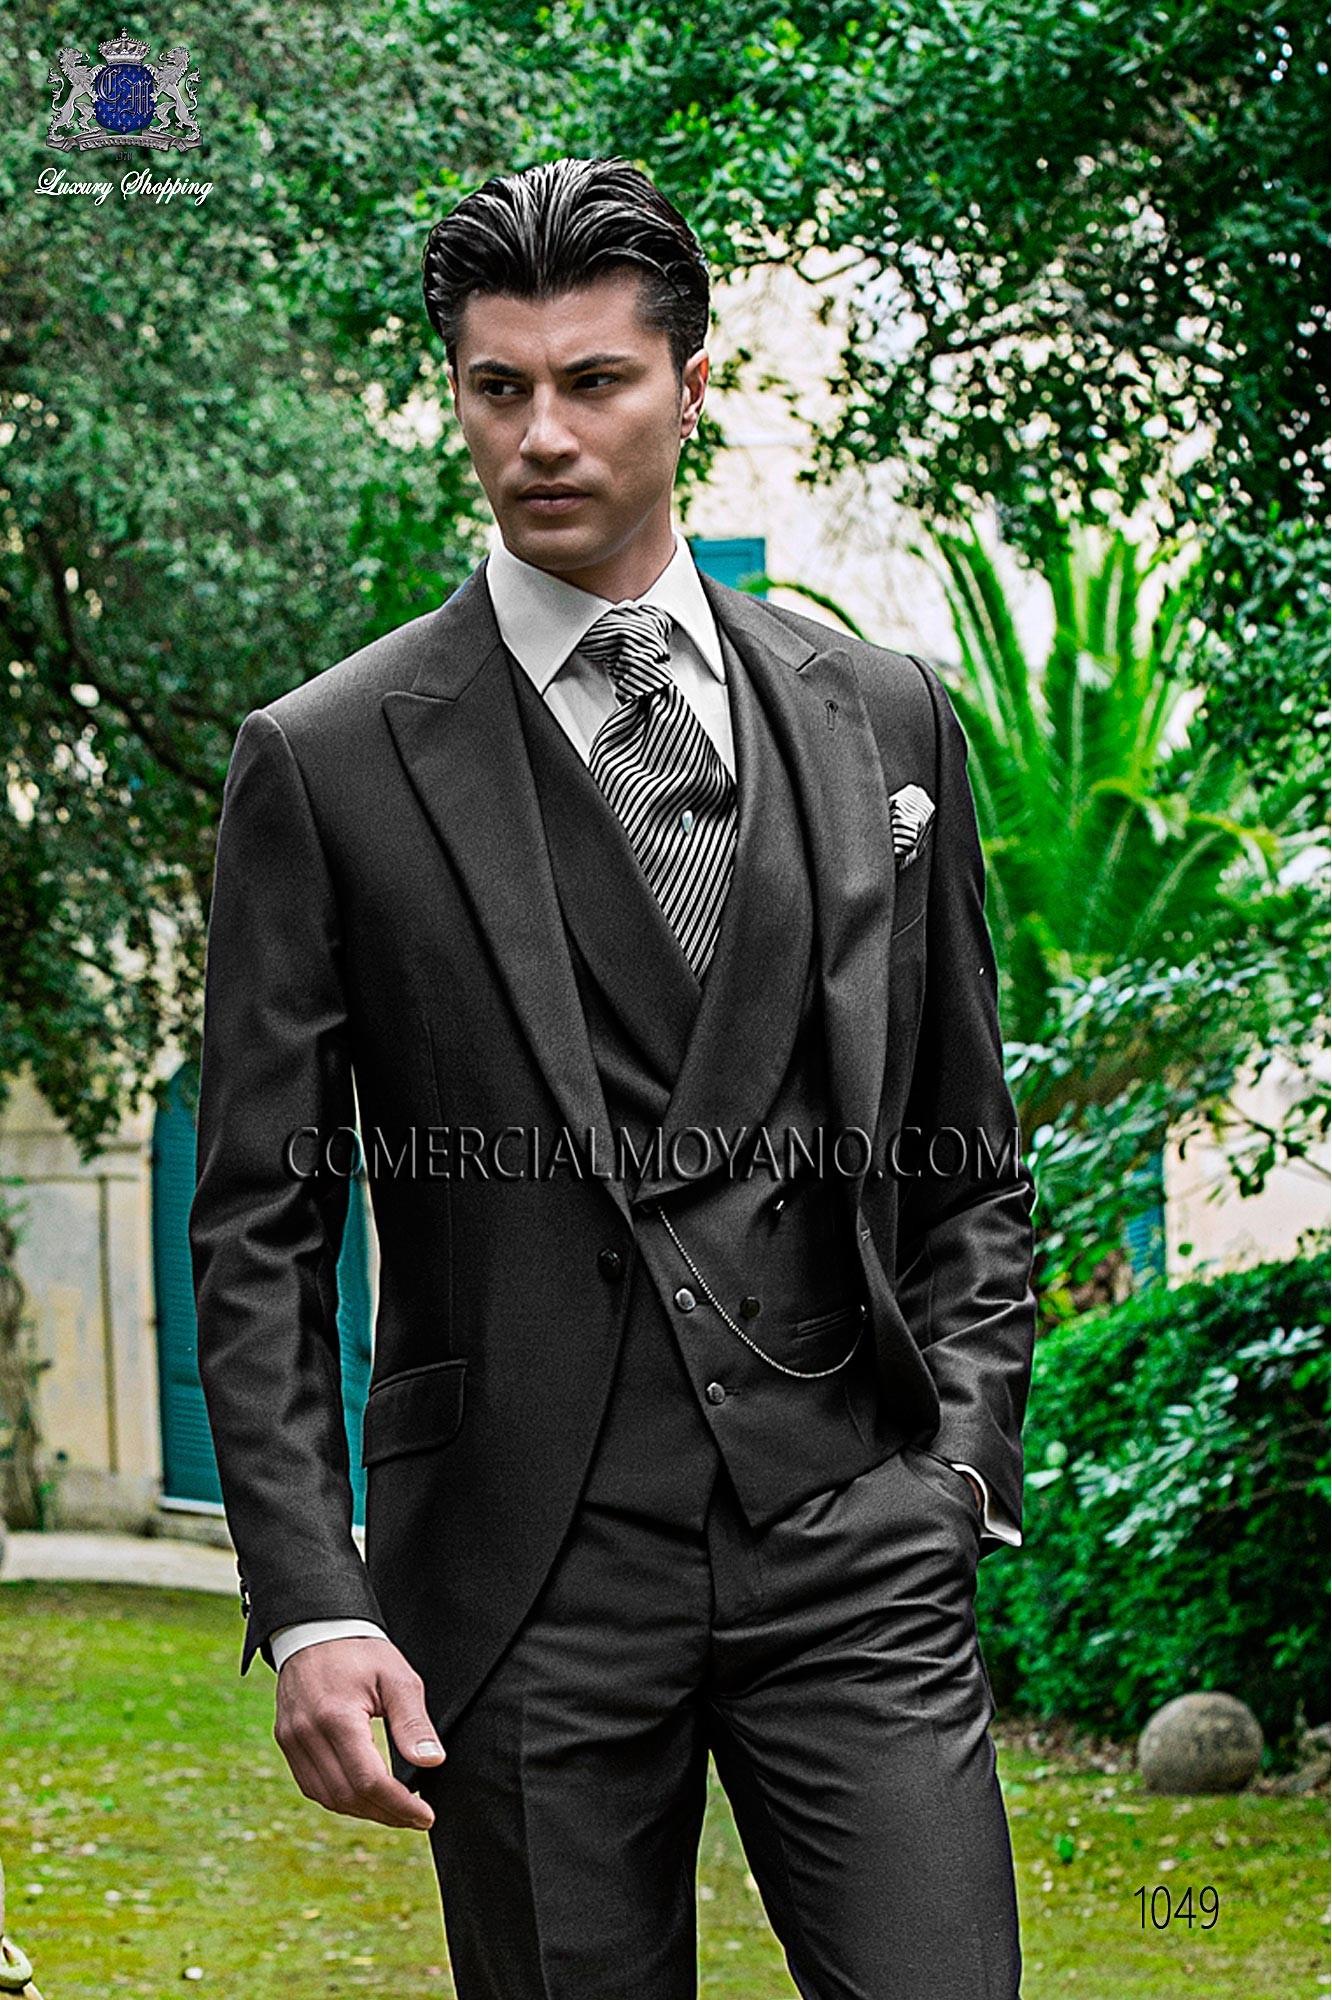 Traje Fashion de novio gris modelo: 1049 Ottavio Nuccio Gala colección Fashion